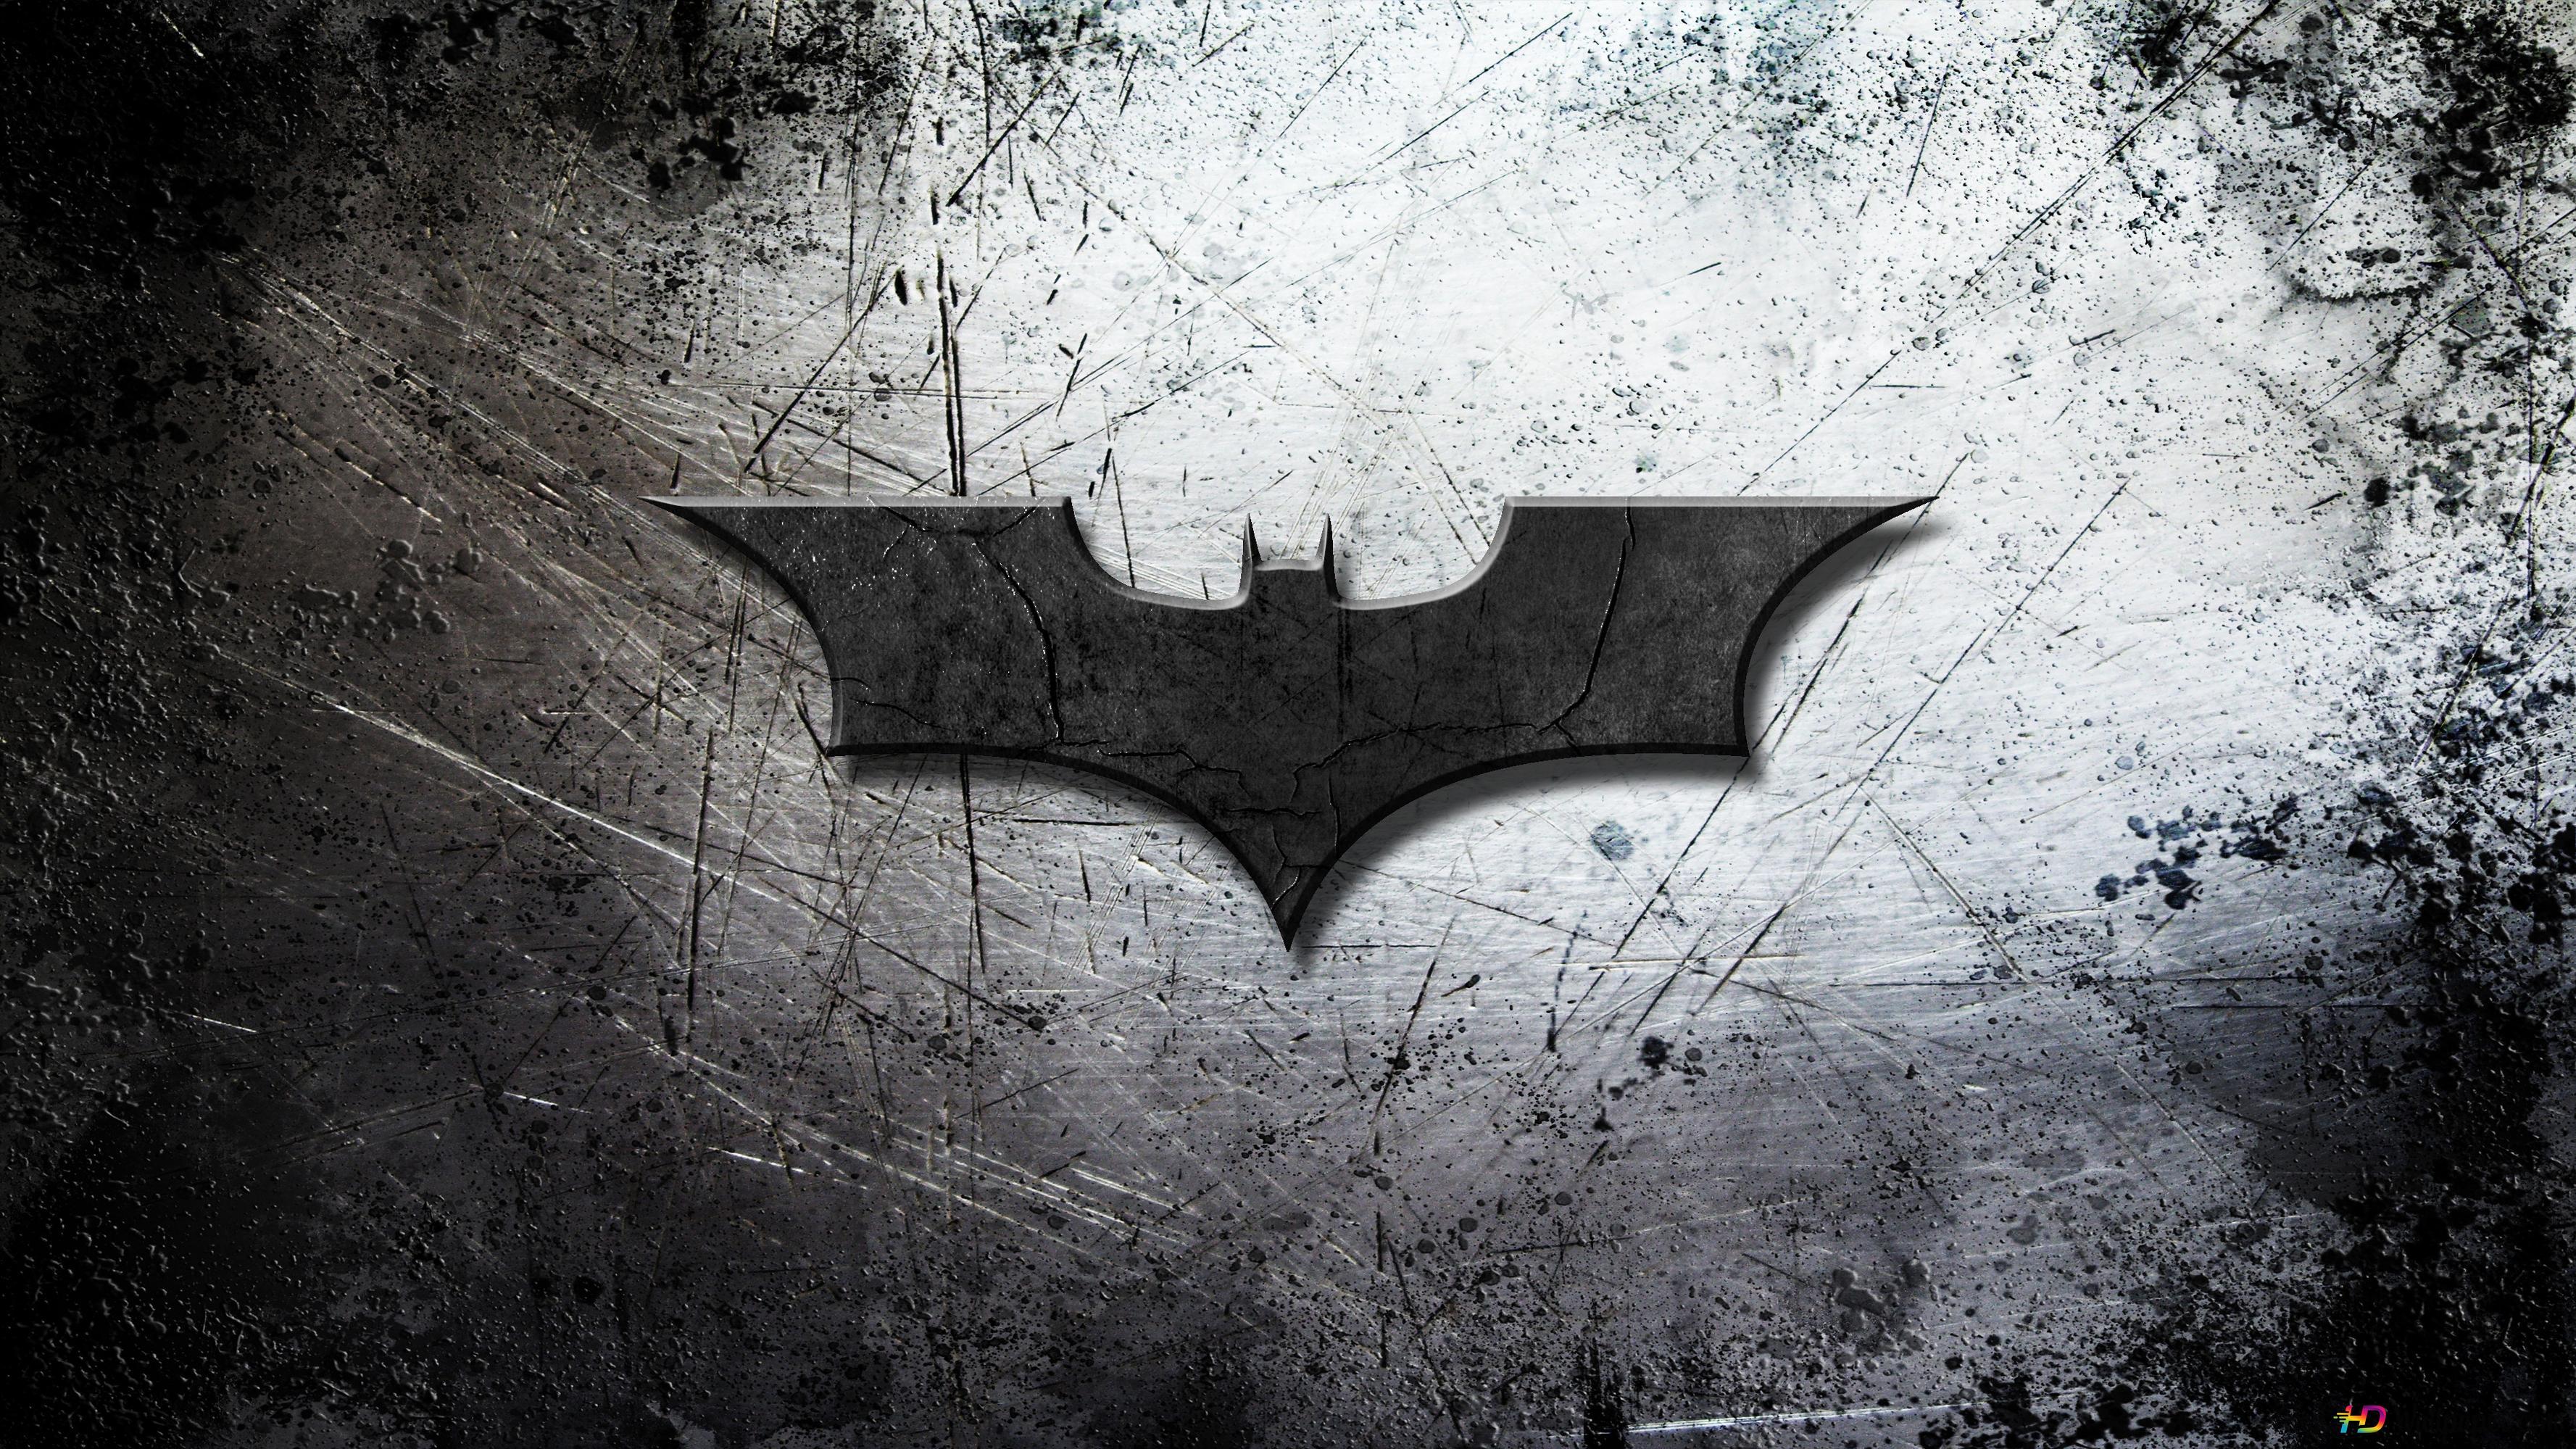 グランジの背景にバットマンのロゴ Hd壁紙のダウンロード